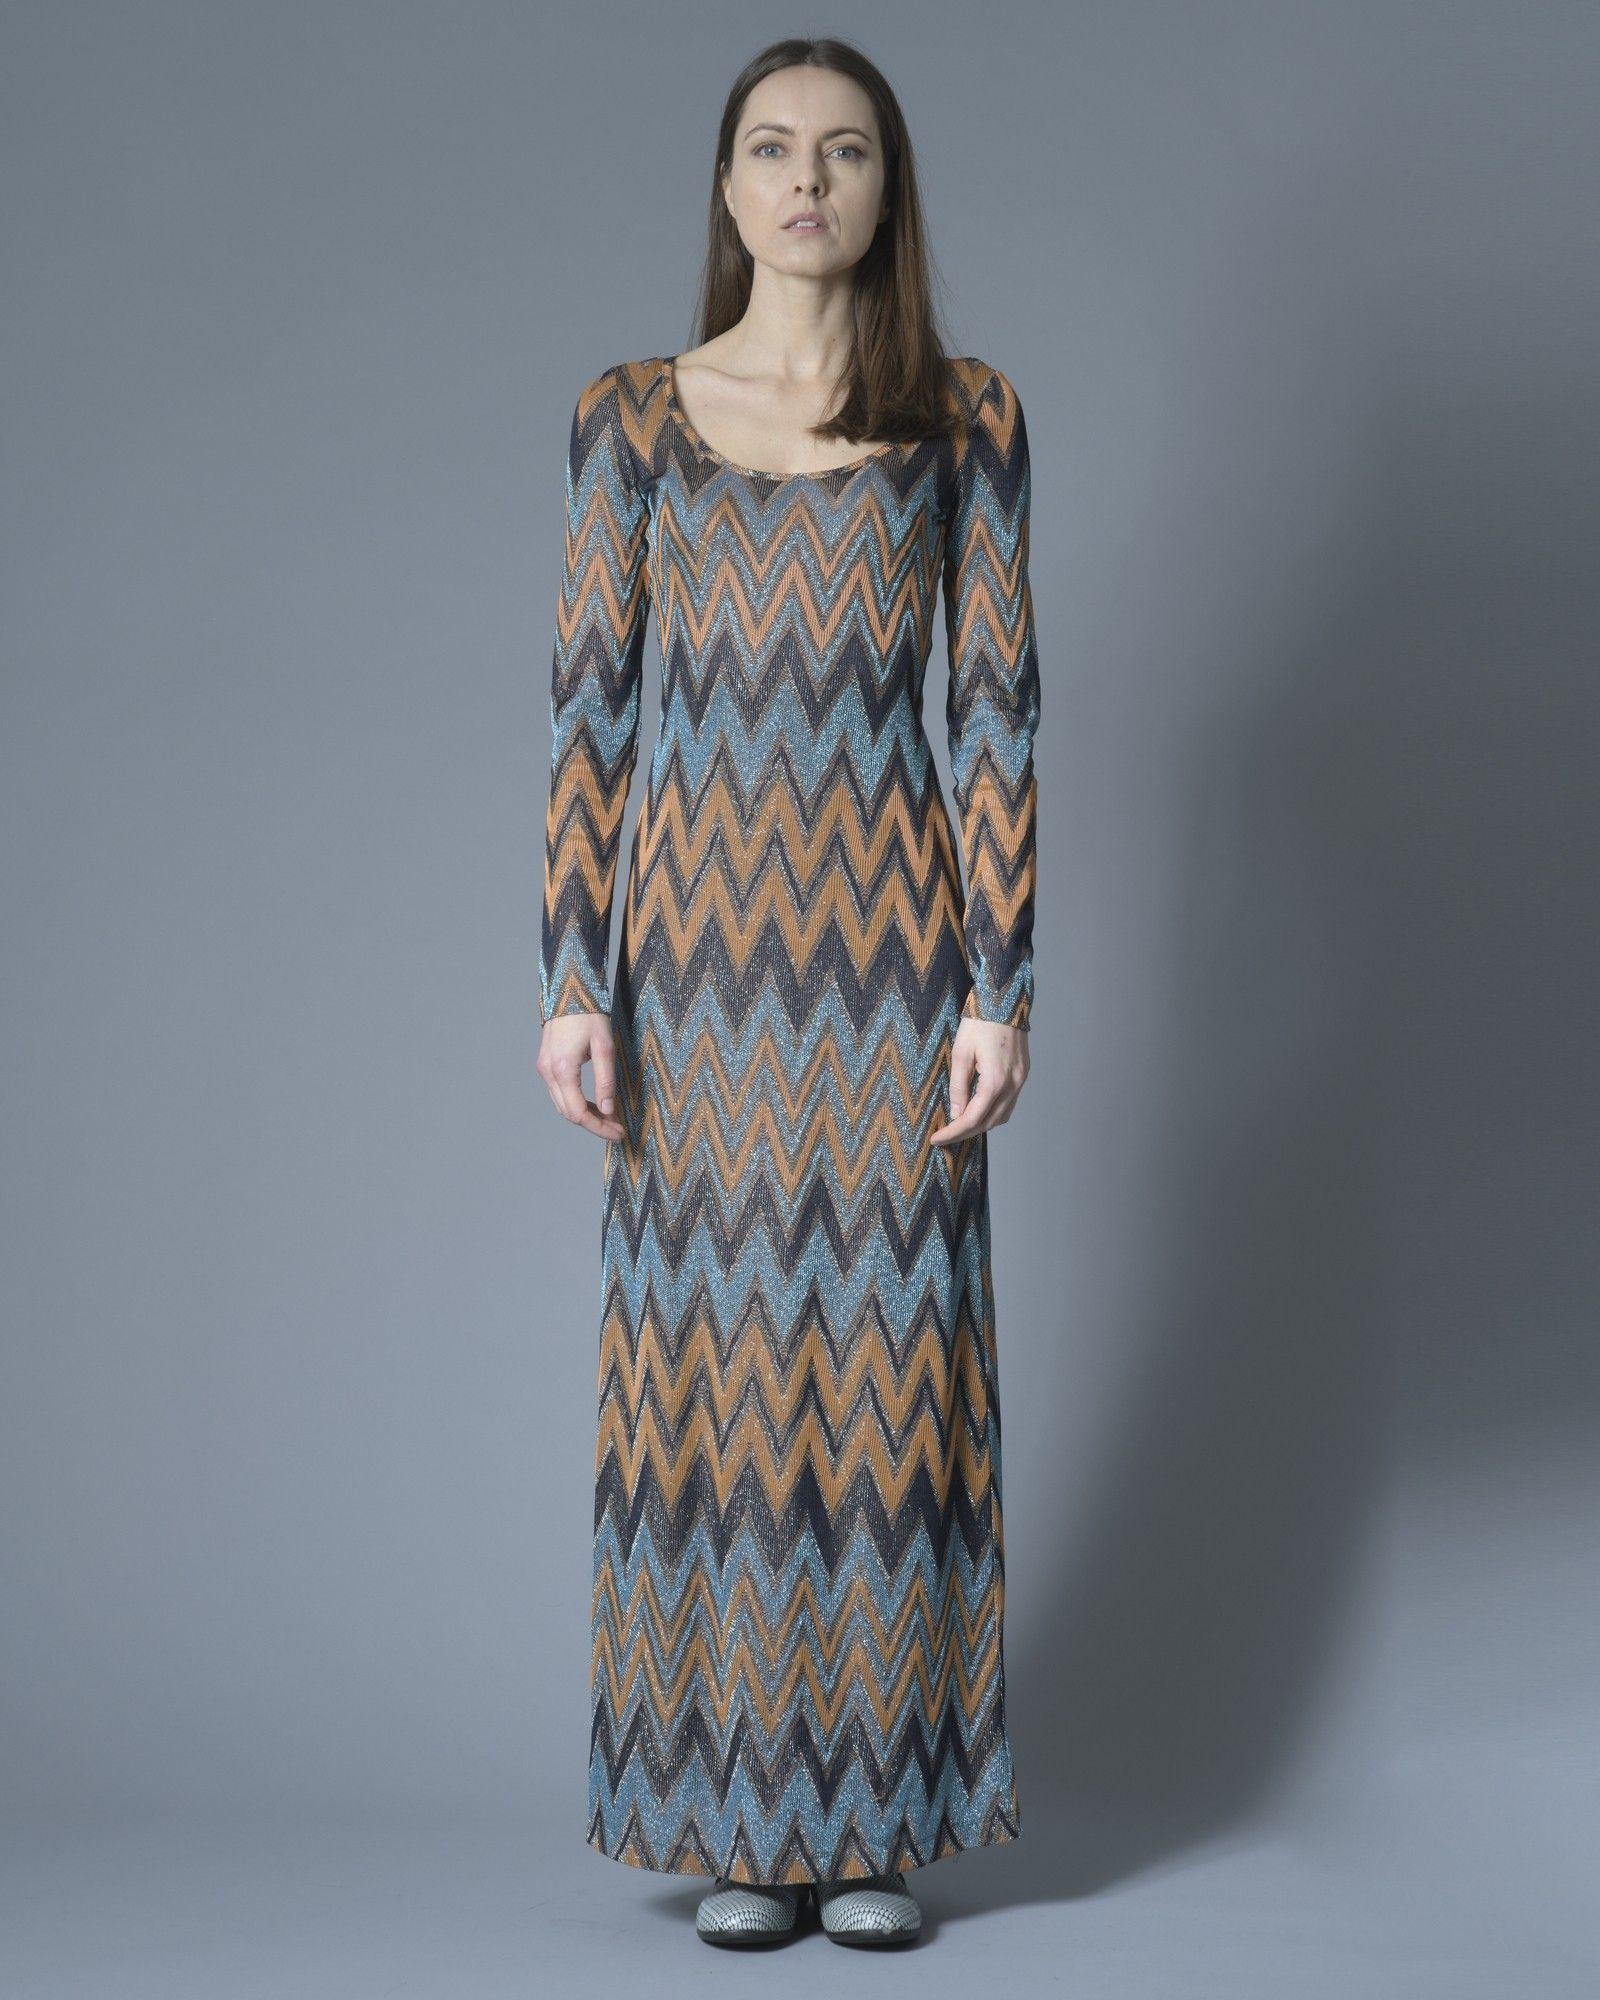 Robe longue à motif géométrique tricolore bleu, marron, noire